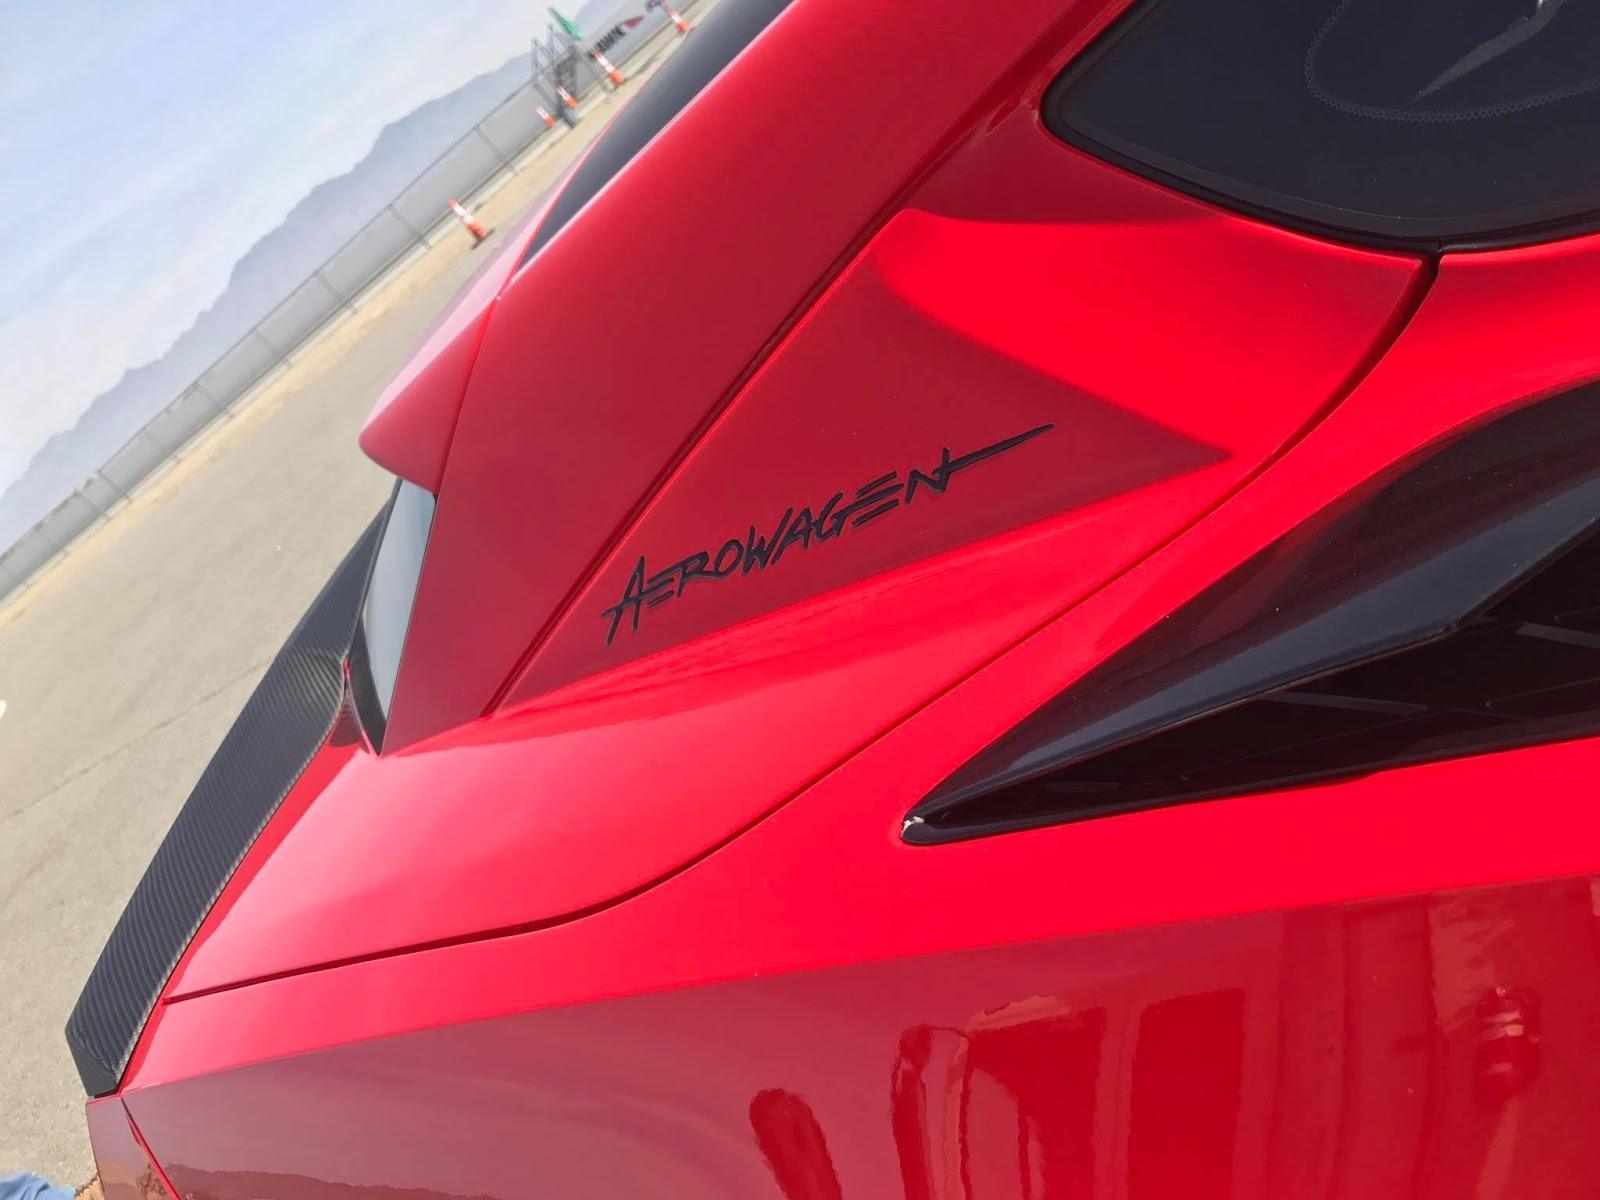 Callaway Corvette AeroWagen 2